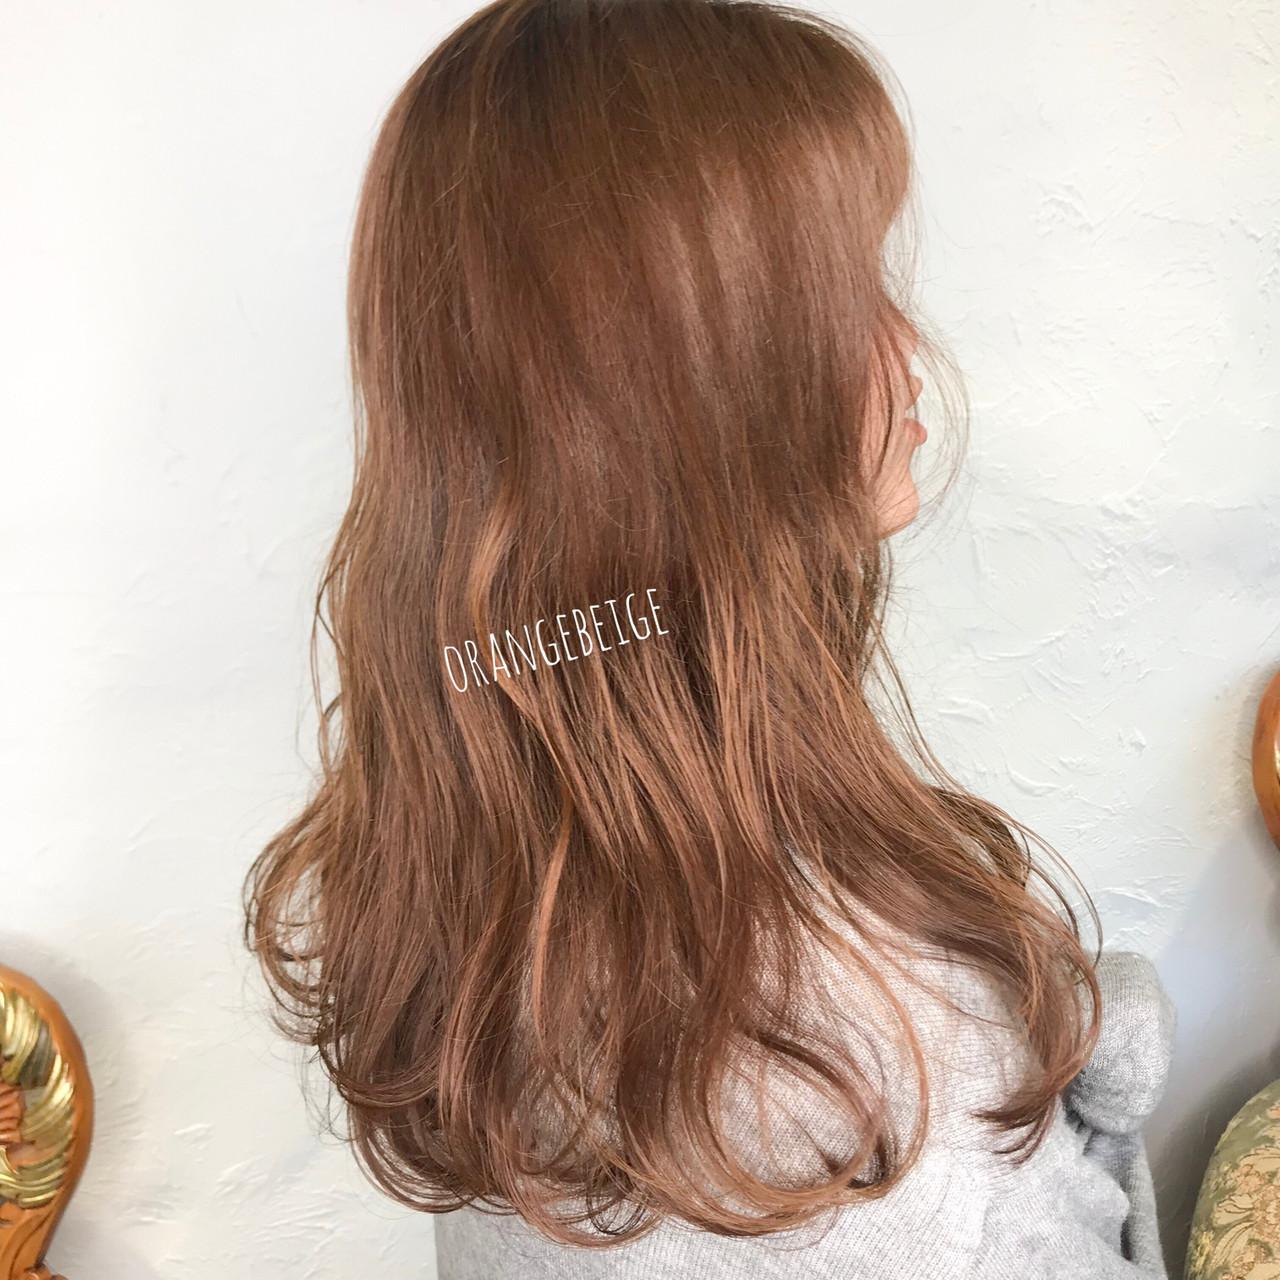 ゆるふわ シナモンベージュ ゆるふわパーマ オレンジベージュ ヘアスタイルや髪型の写真・画像 | aya / RITA&Co.大宮東口店